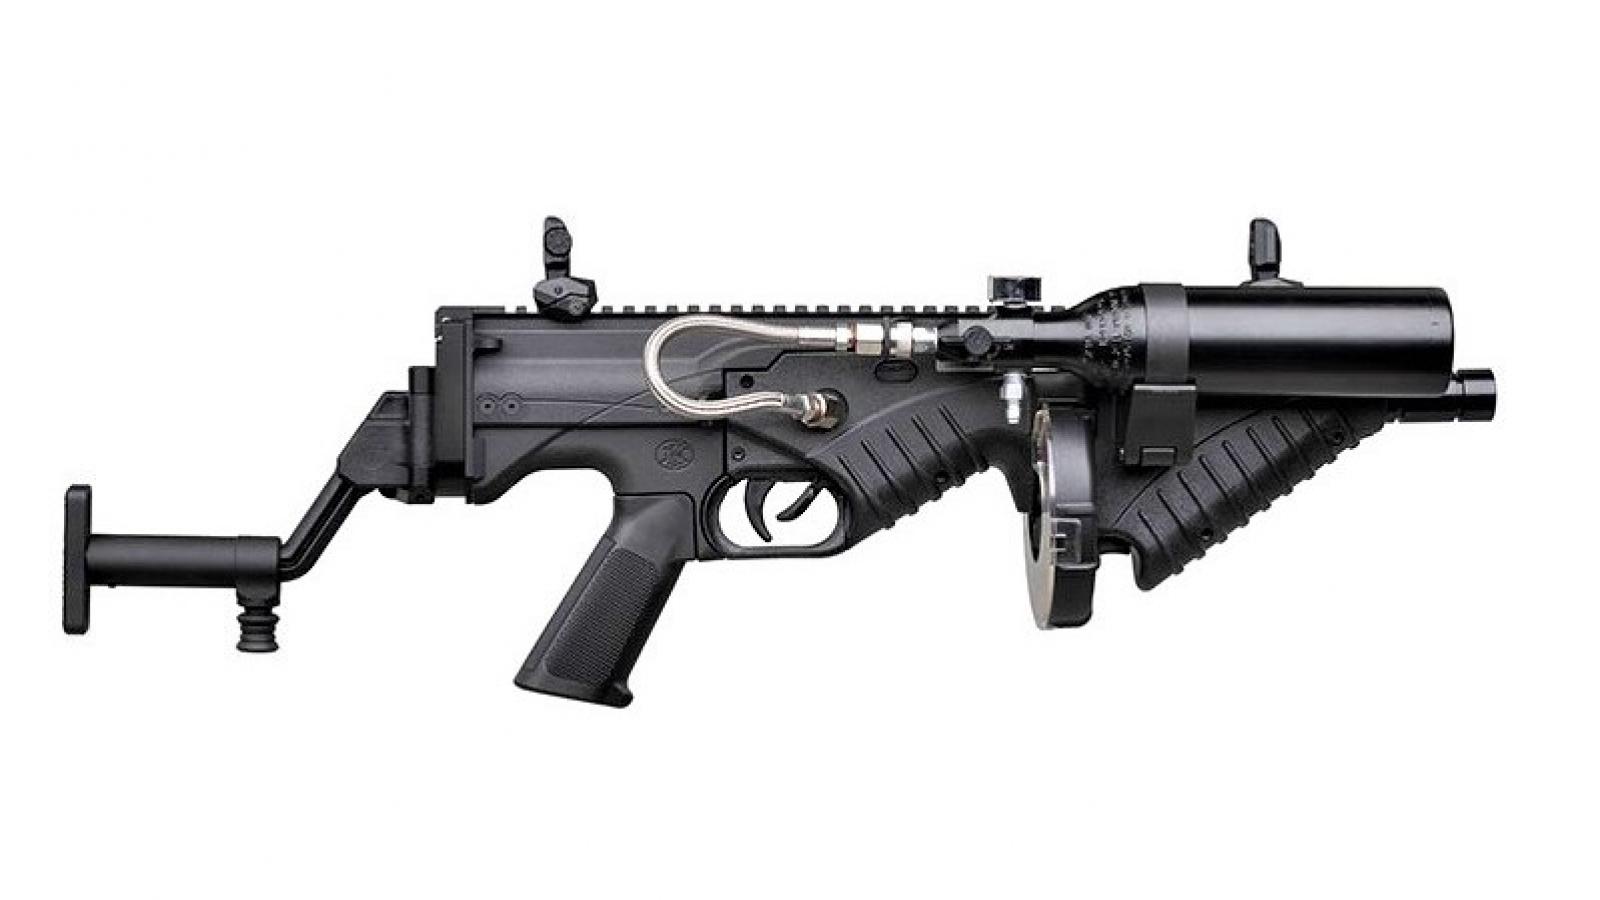 FN Herstal cho ra lò súng FN 303 mô-đun mới dùng chống bạo loạn